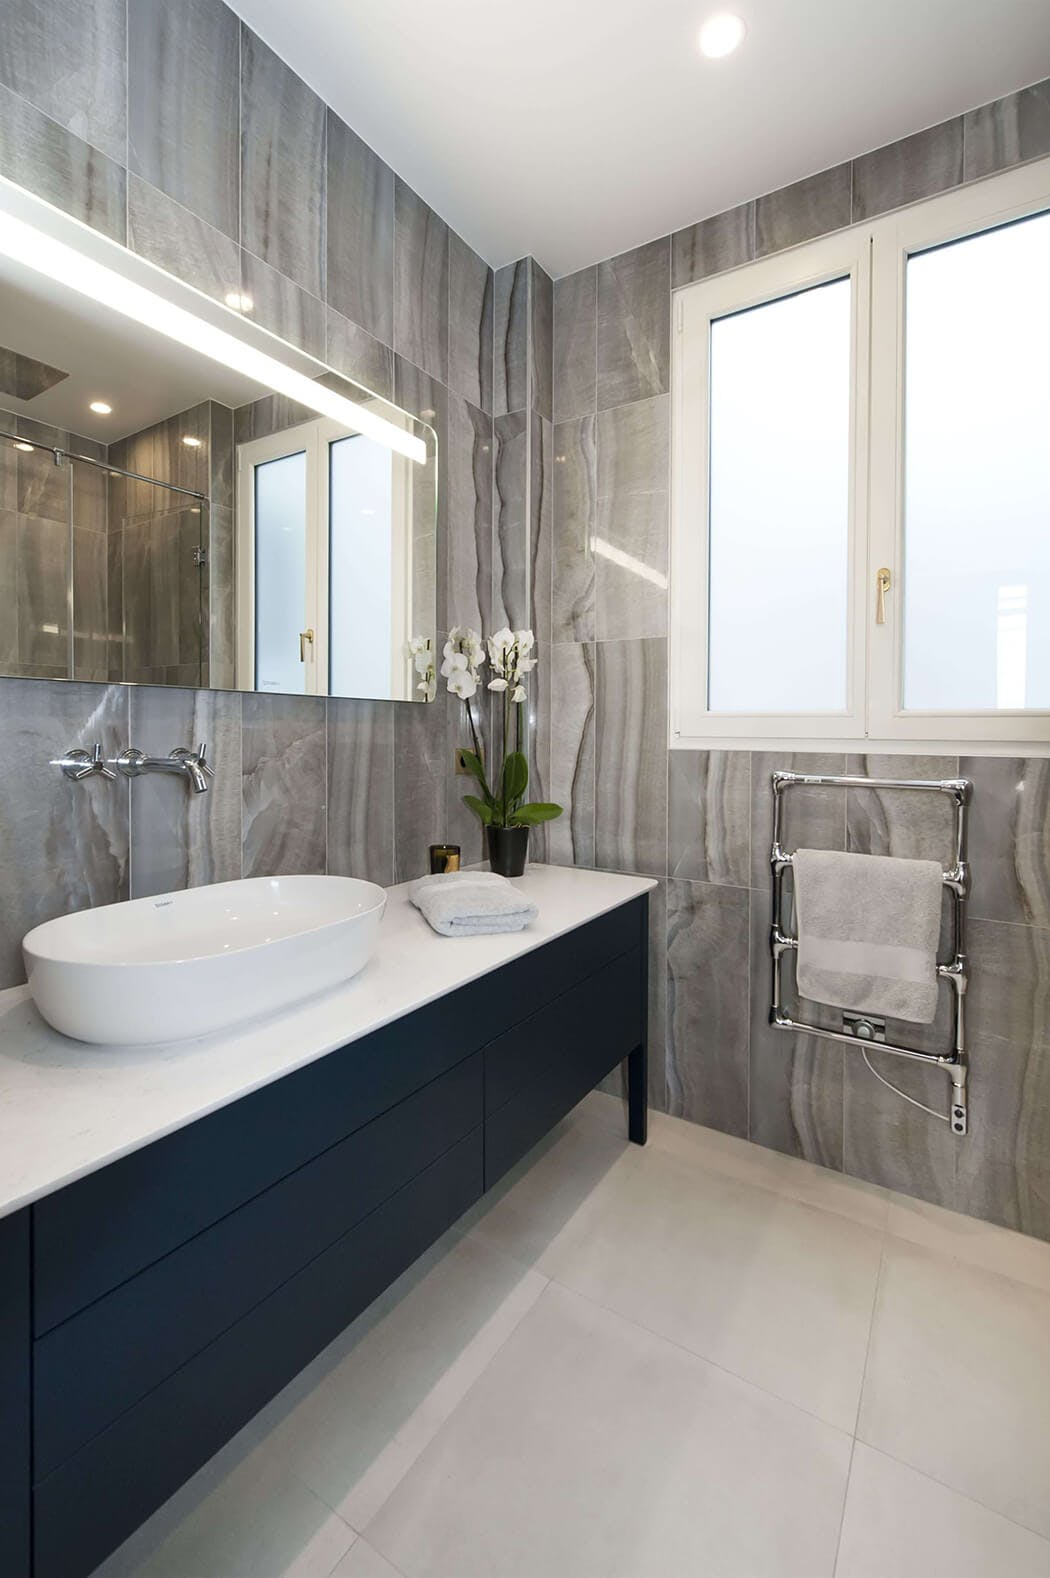 salle de bain de luxe entièrement rénovée avec grand miroir, marbre aux murs et meuble sous vasque anthracite